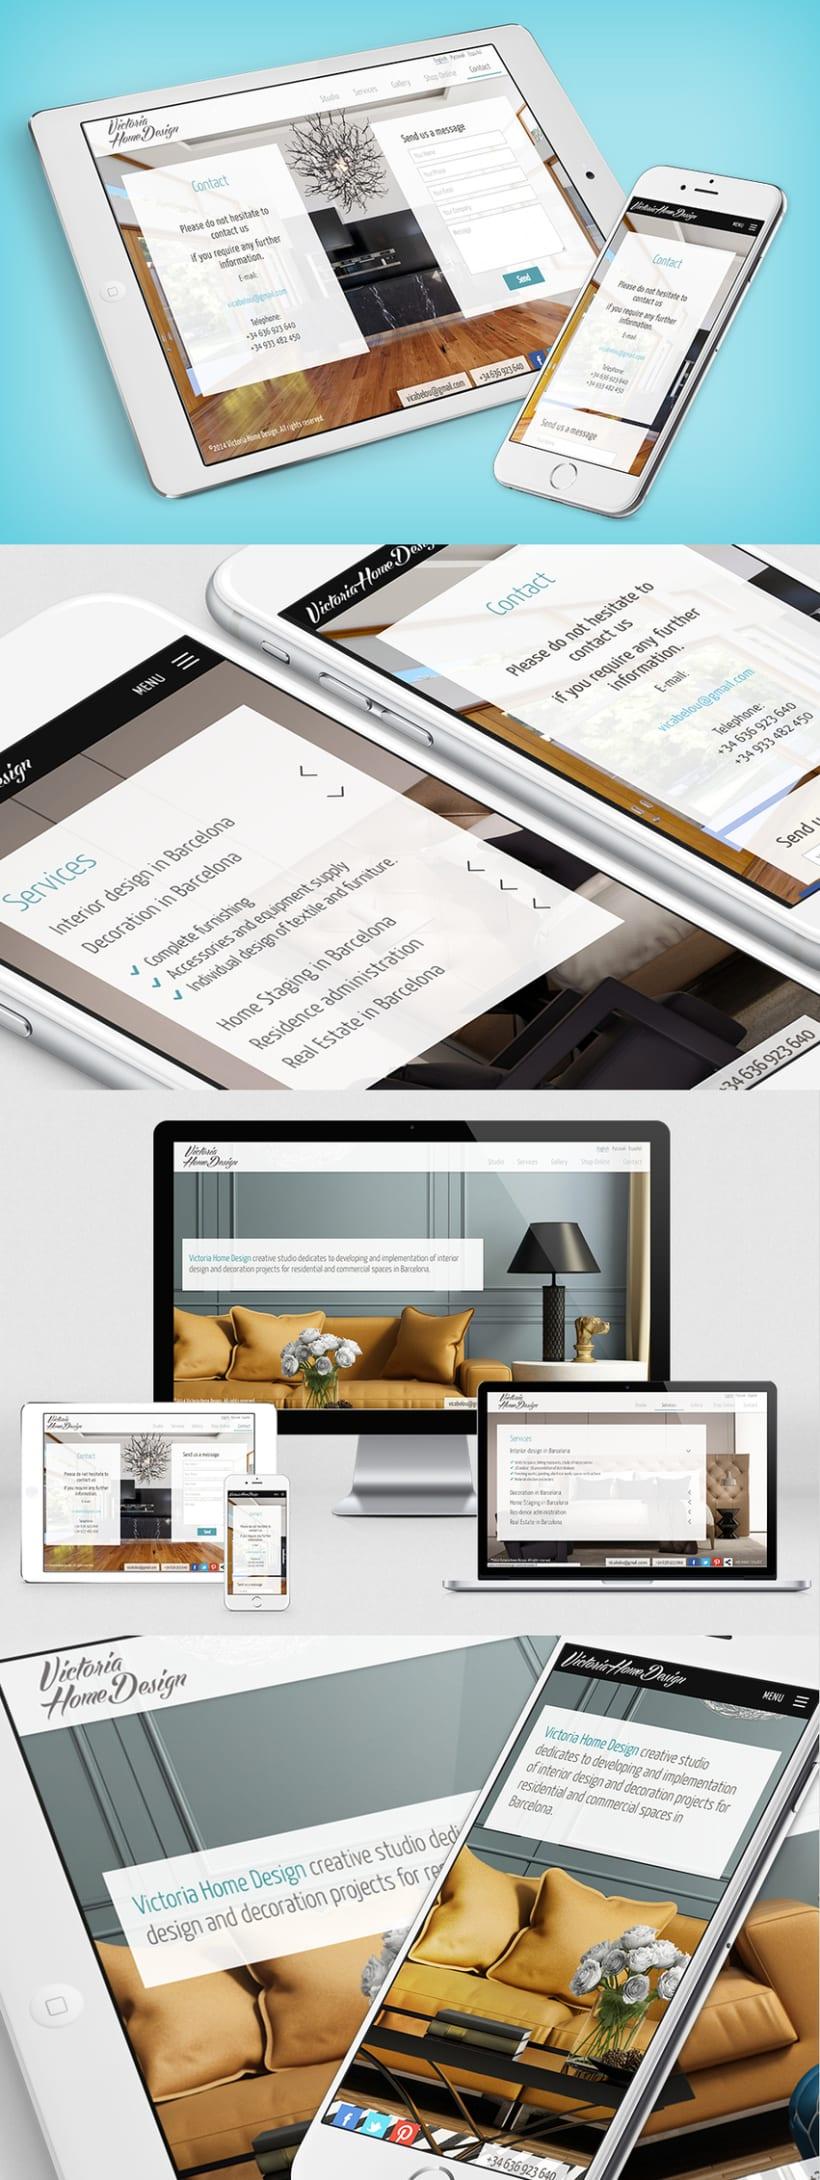 Victoria Home Design -1